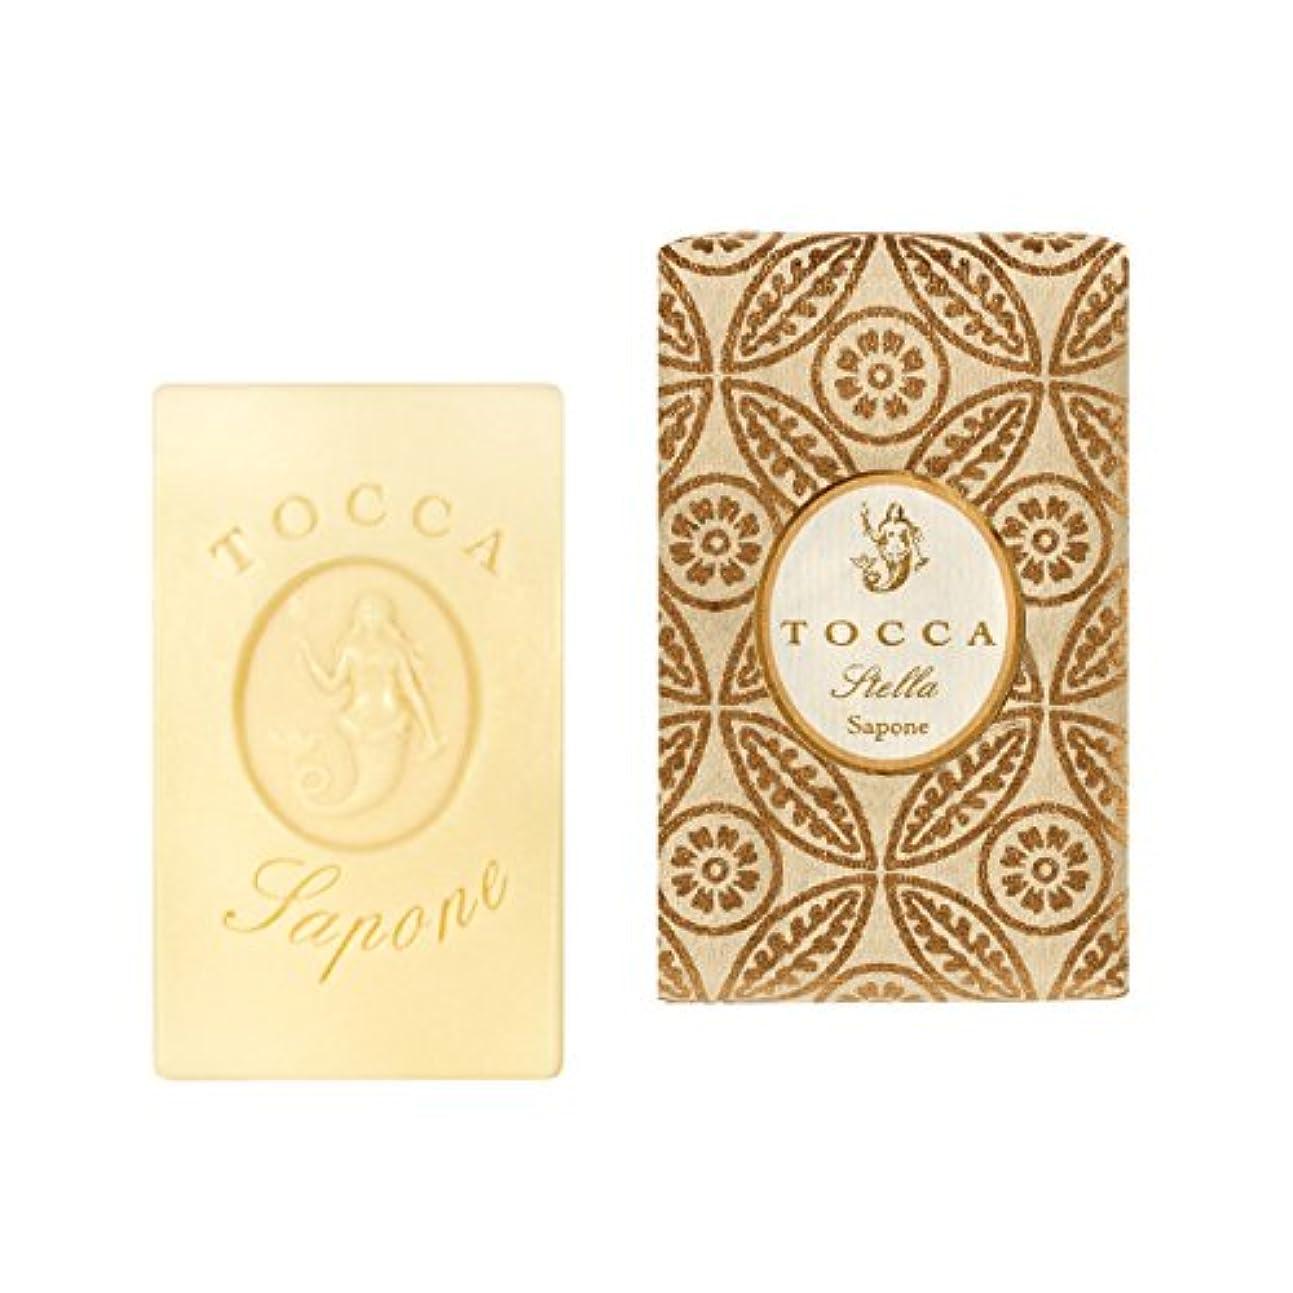 タクシーエピソードアリーナトッカ(TOCCA) ソープバー ステラの香り 113g(石けん 化粧石けん イタリアンブラッドオレンジが奏でるフレッシュでビターな爽やかさ漂う香り)